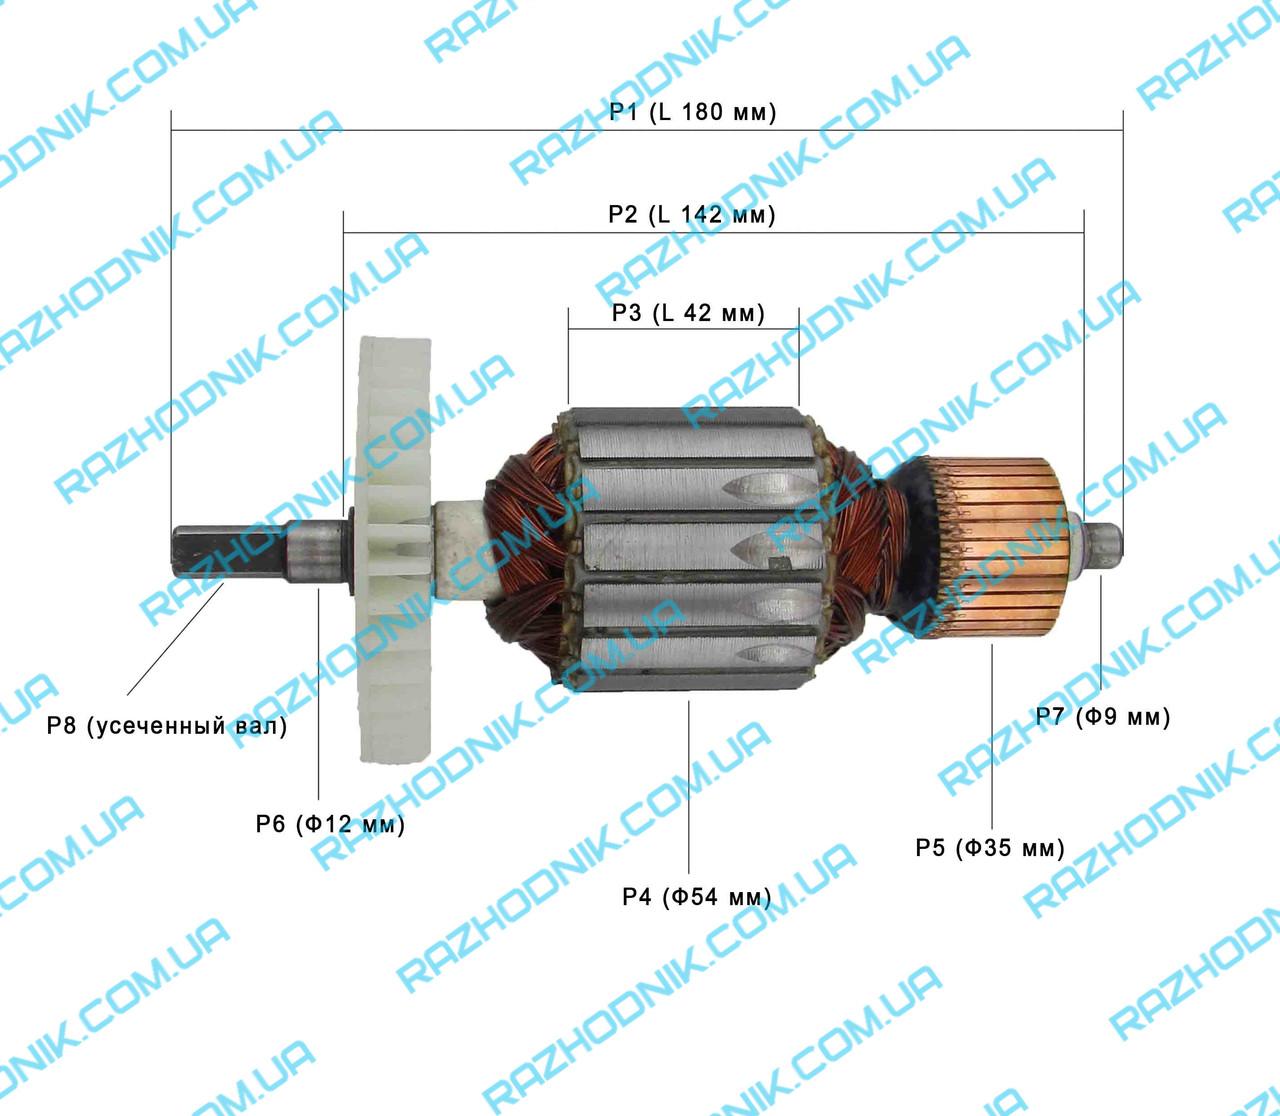 Якорь на цепную пилу Протон ПЦ-2000